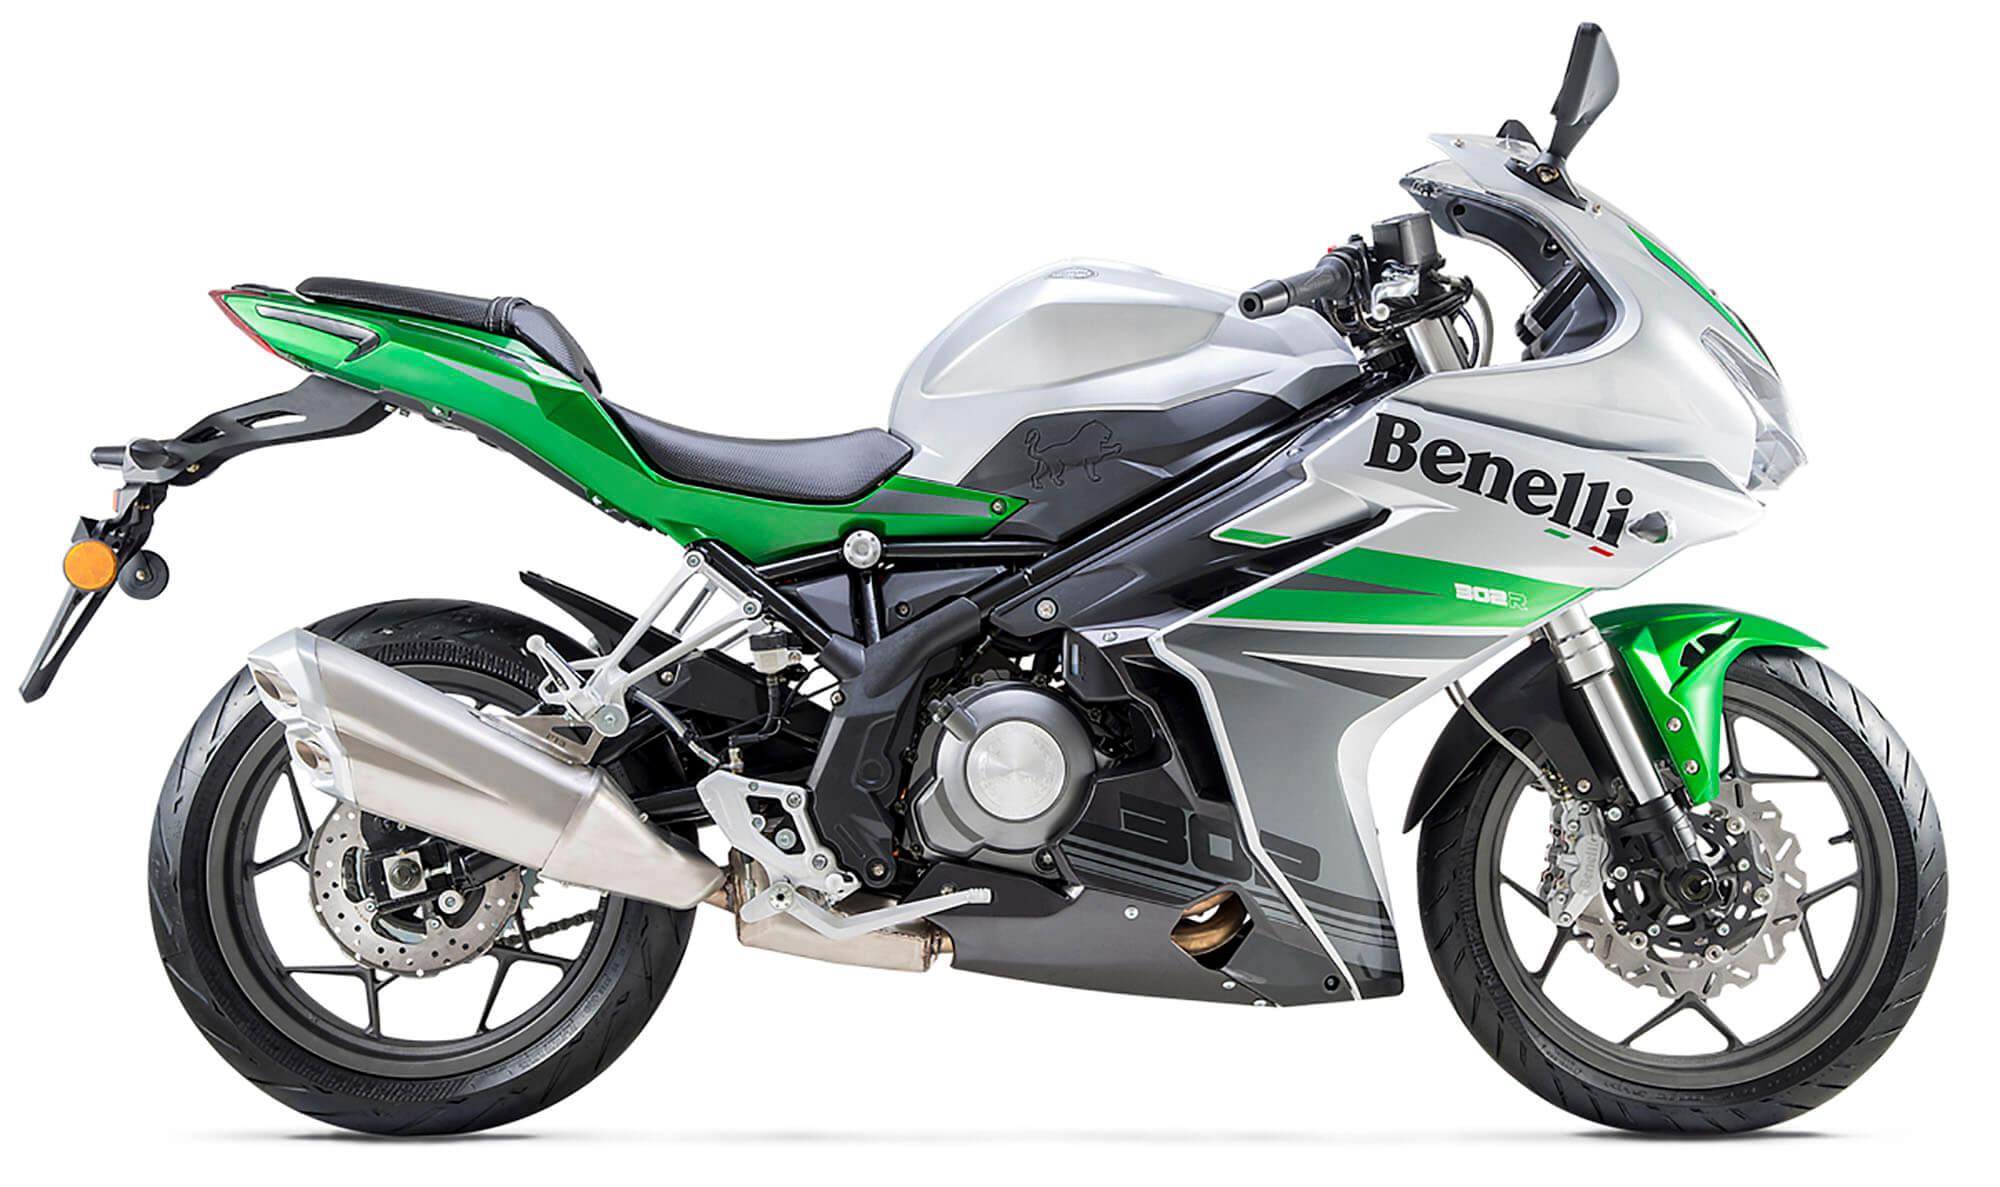 comprar-motos-benelli-bn-302-r-verde-motissimo-barcelona